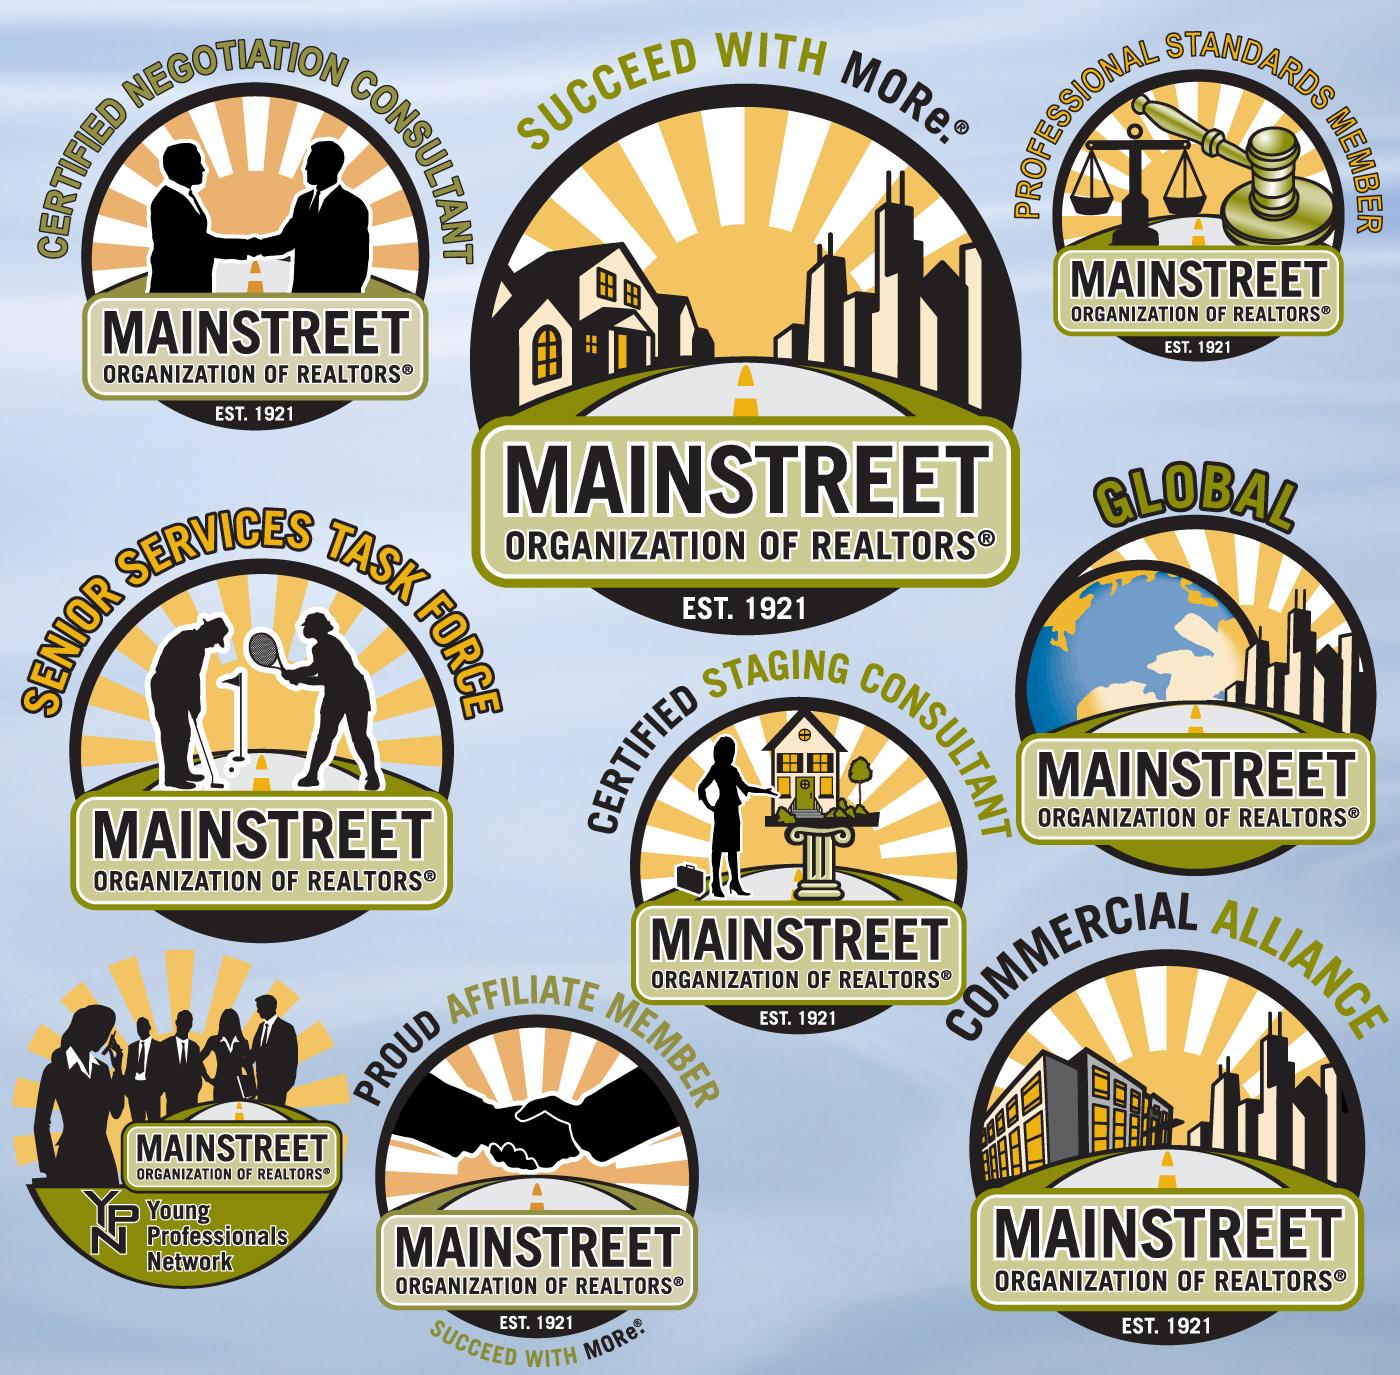 Logo Design - Mainstreet Organization of REALTORS®